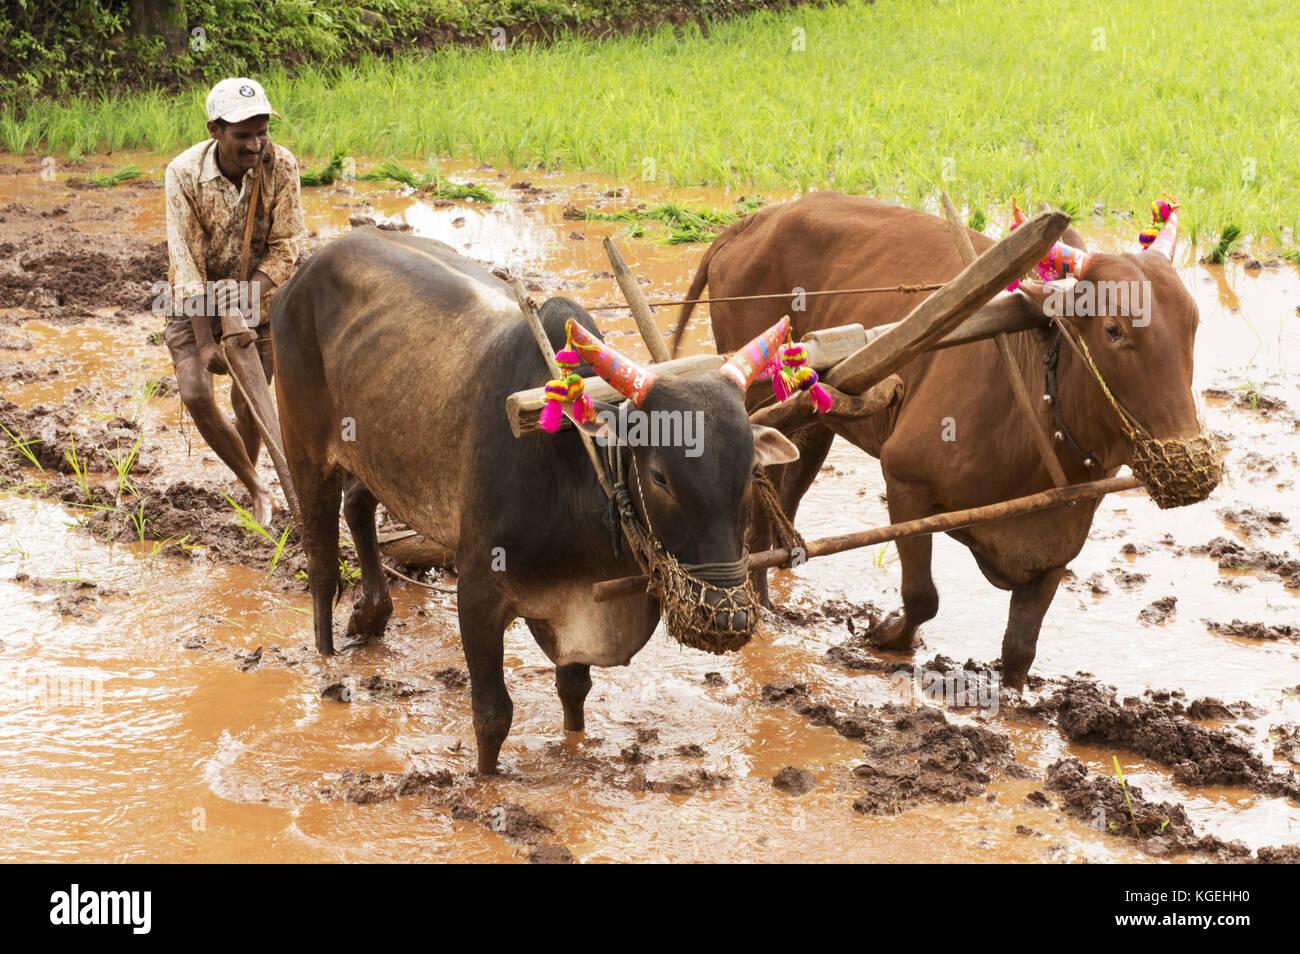 Agricultor arando los campos de arroz con sus toros antes de plantar el arroz, Pune, Maharashtra Foto de stock